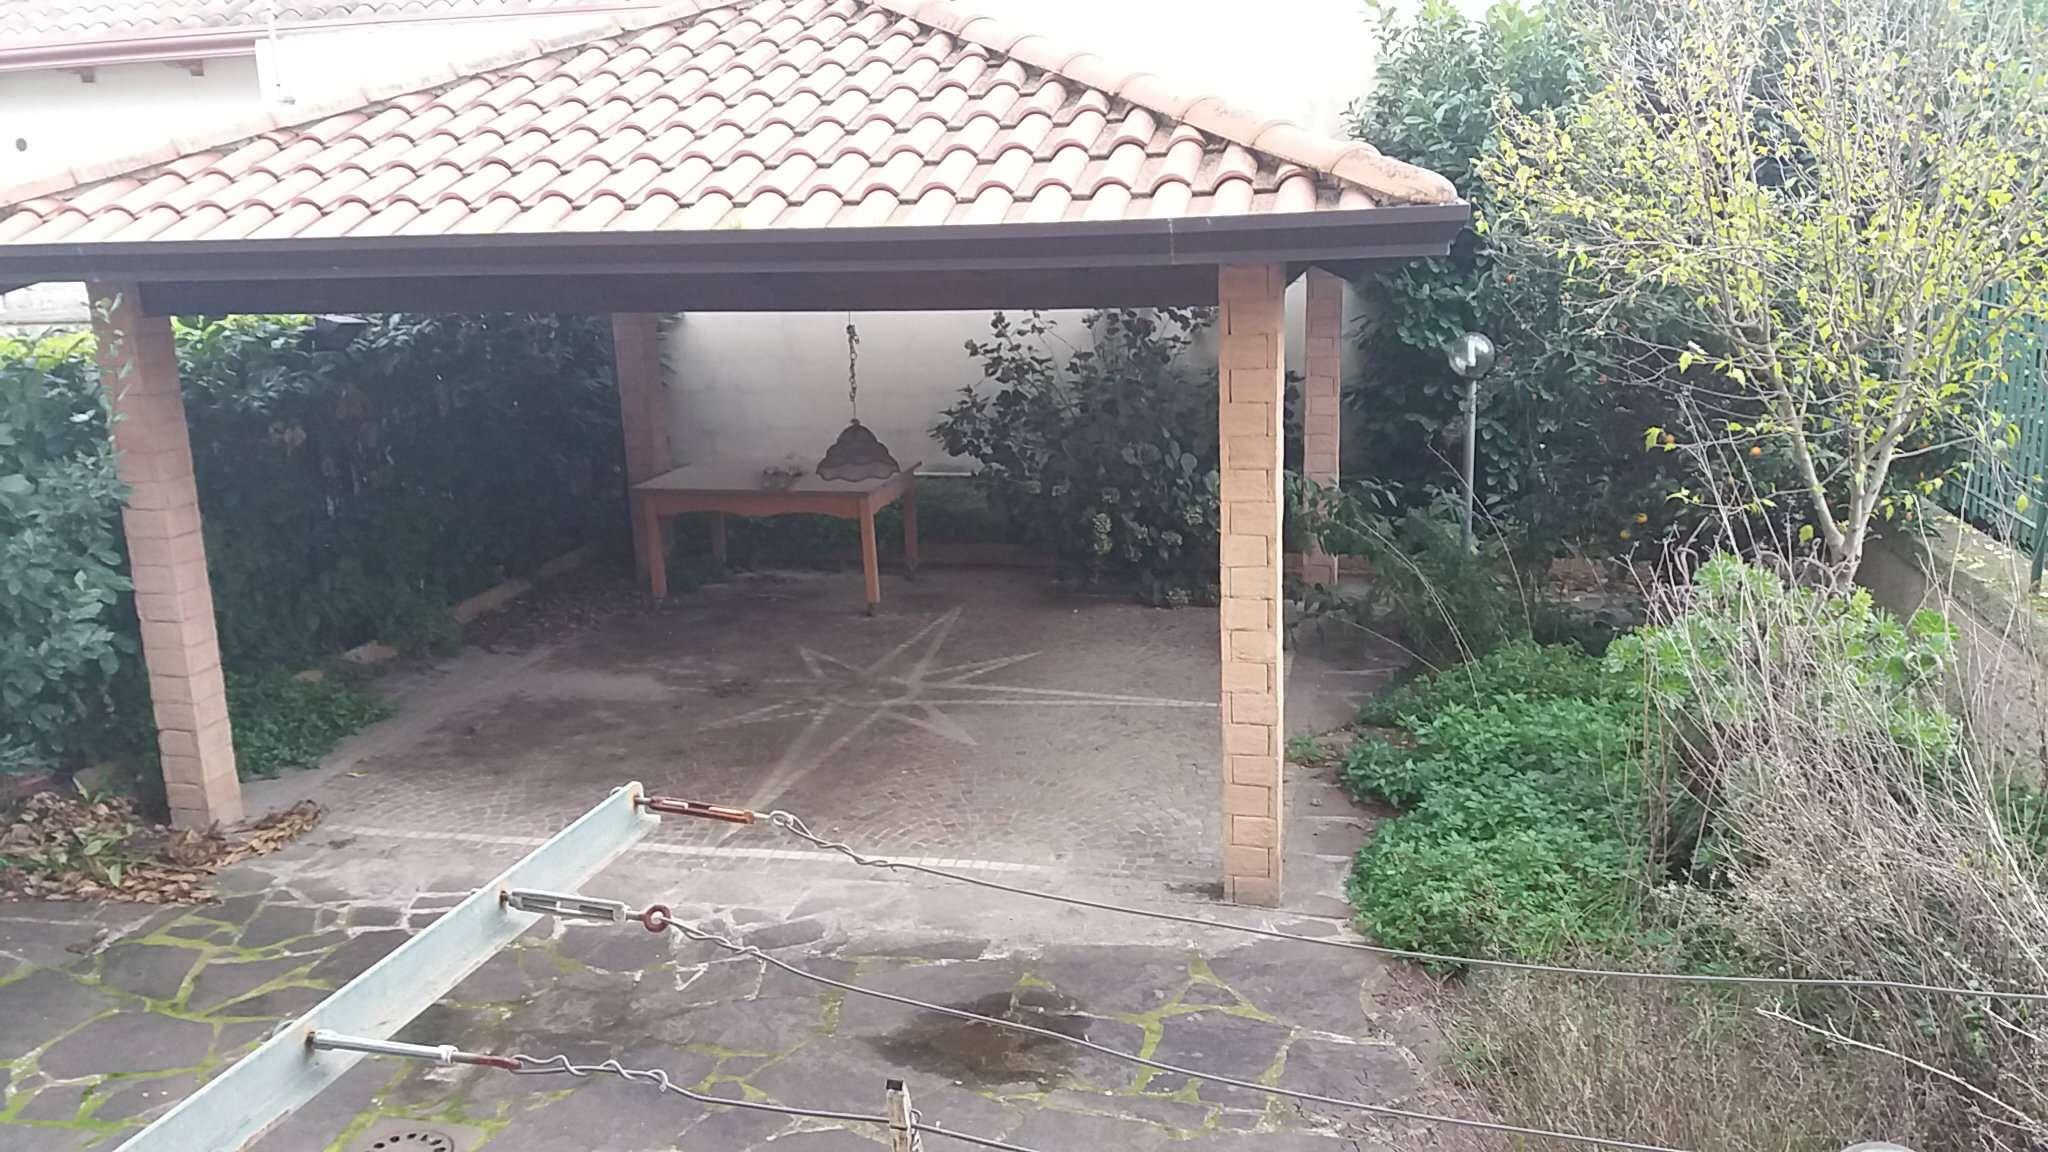 Villa in vendita a Giugliano in Campania, 10 locali, prezzo € 450.000 | Cambio Casa.it